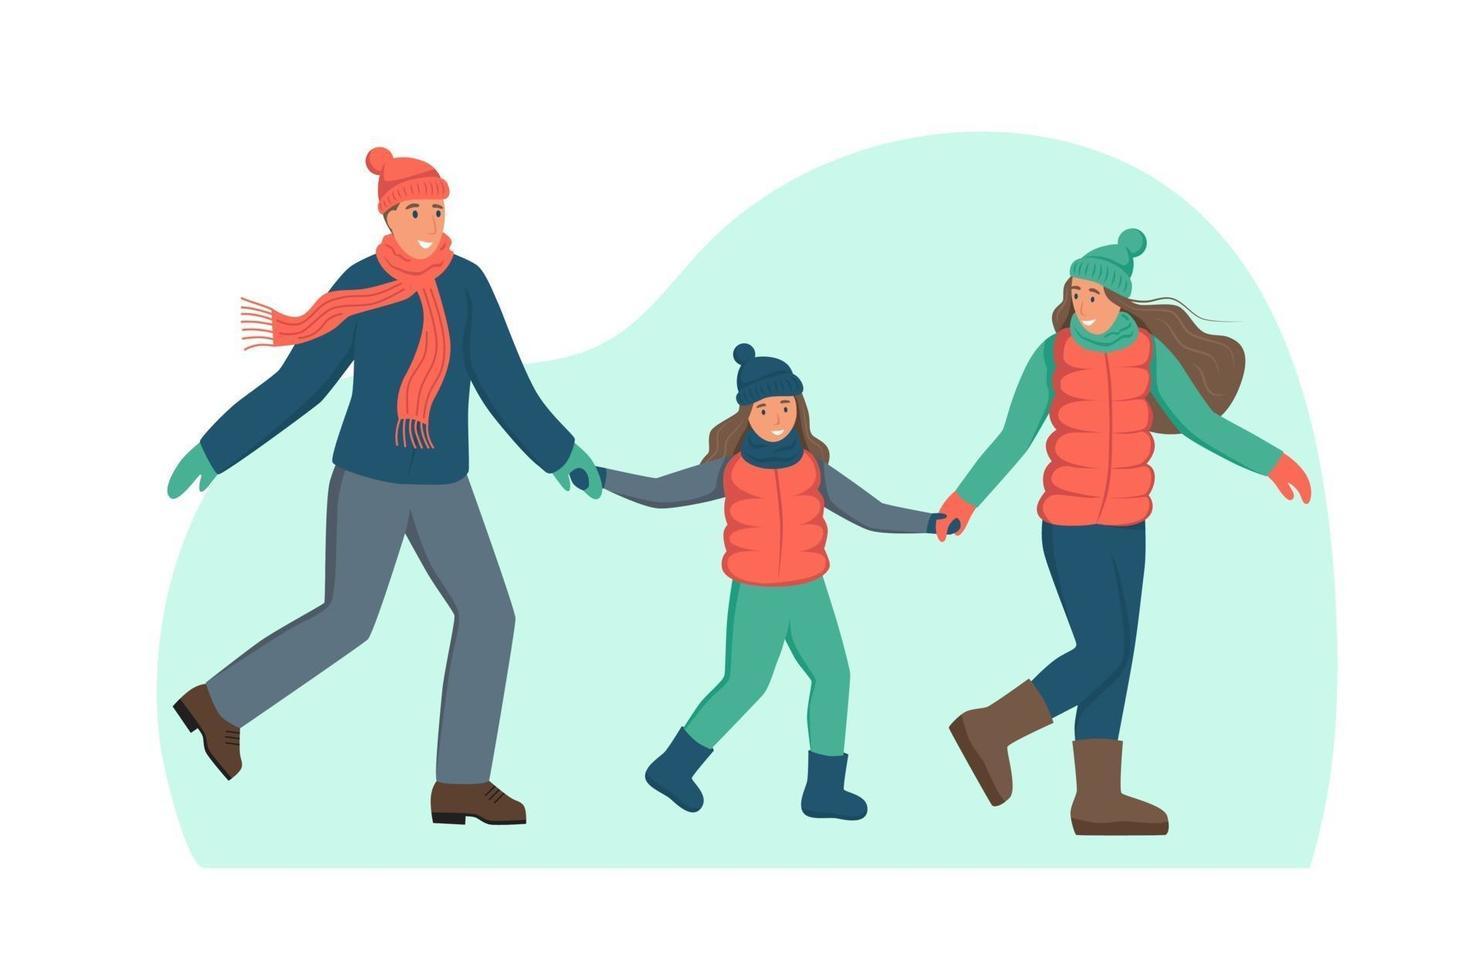 família com roupas de inverno. um personagem isolado em um fundo branco. diversão de inverno, caminhando no parque. ilustração em vetor plana dos desenhos animados.